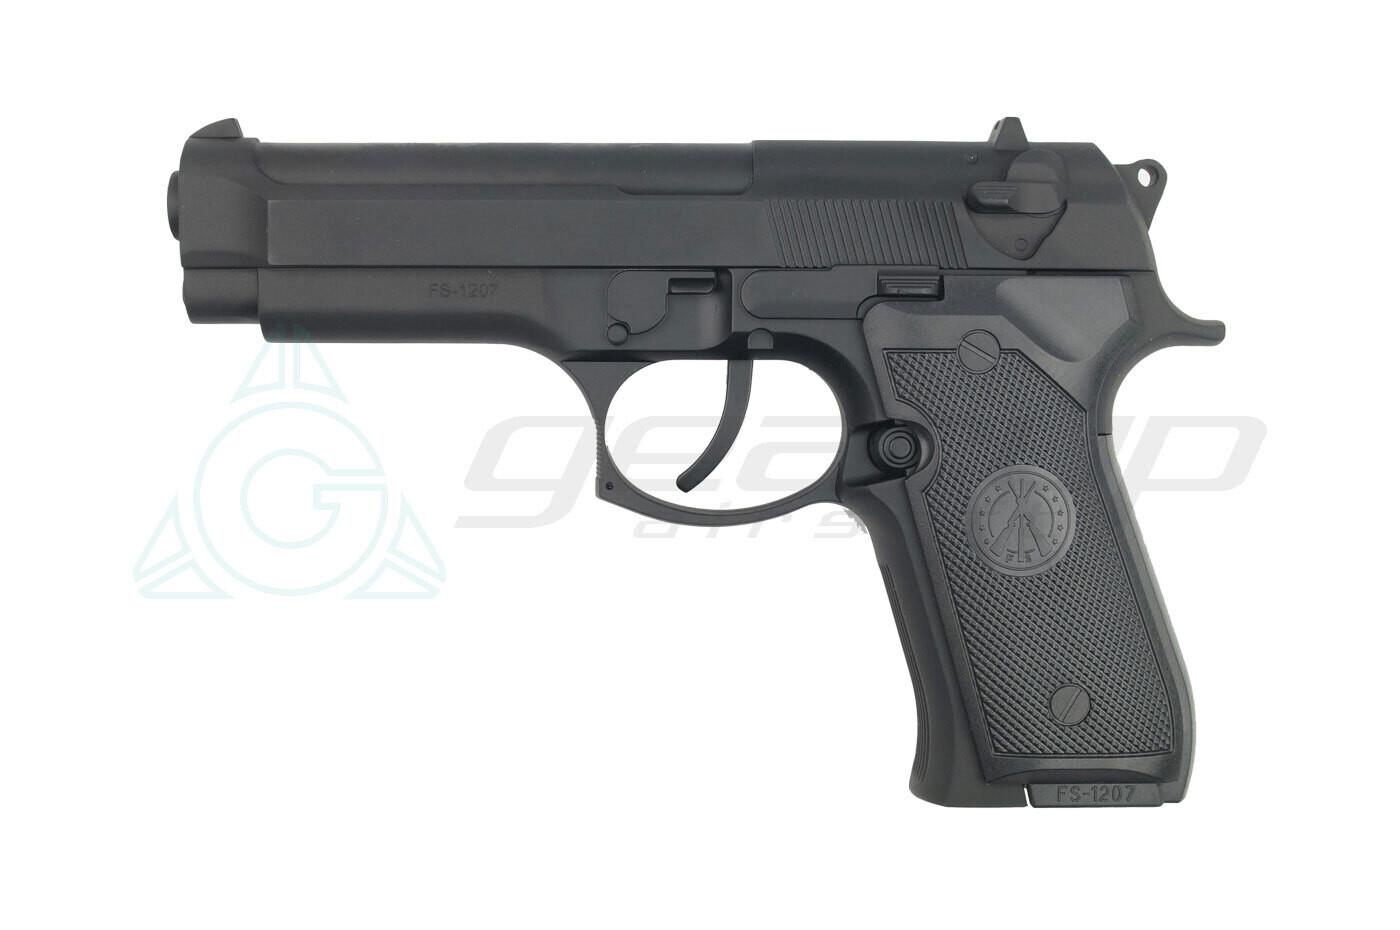 FS M9 (CO2 NON BLOWBACK)